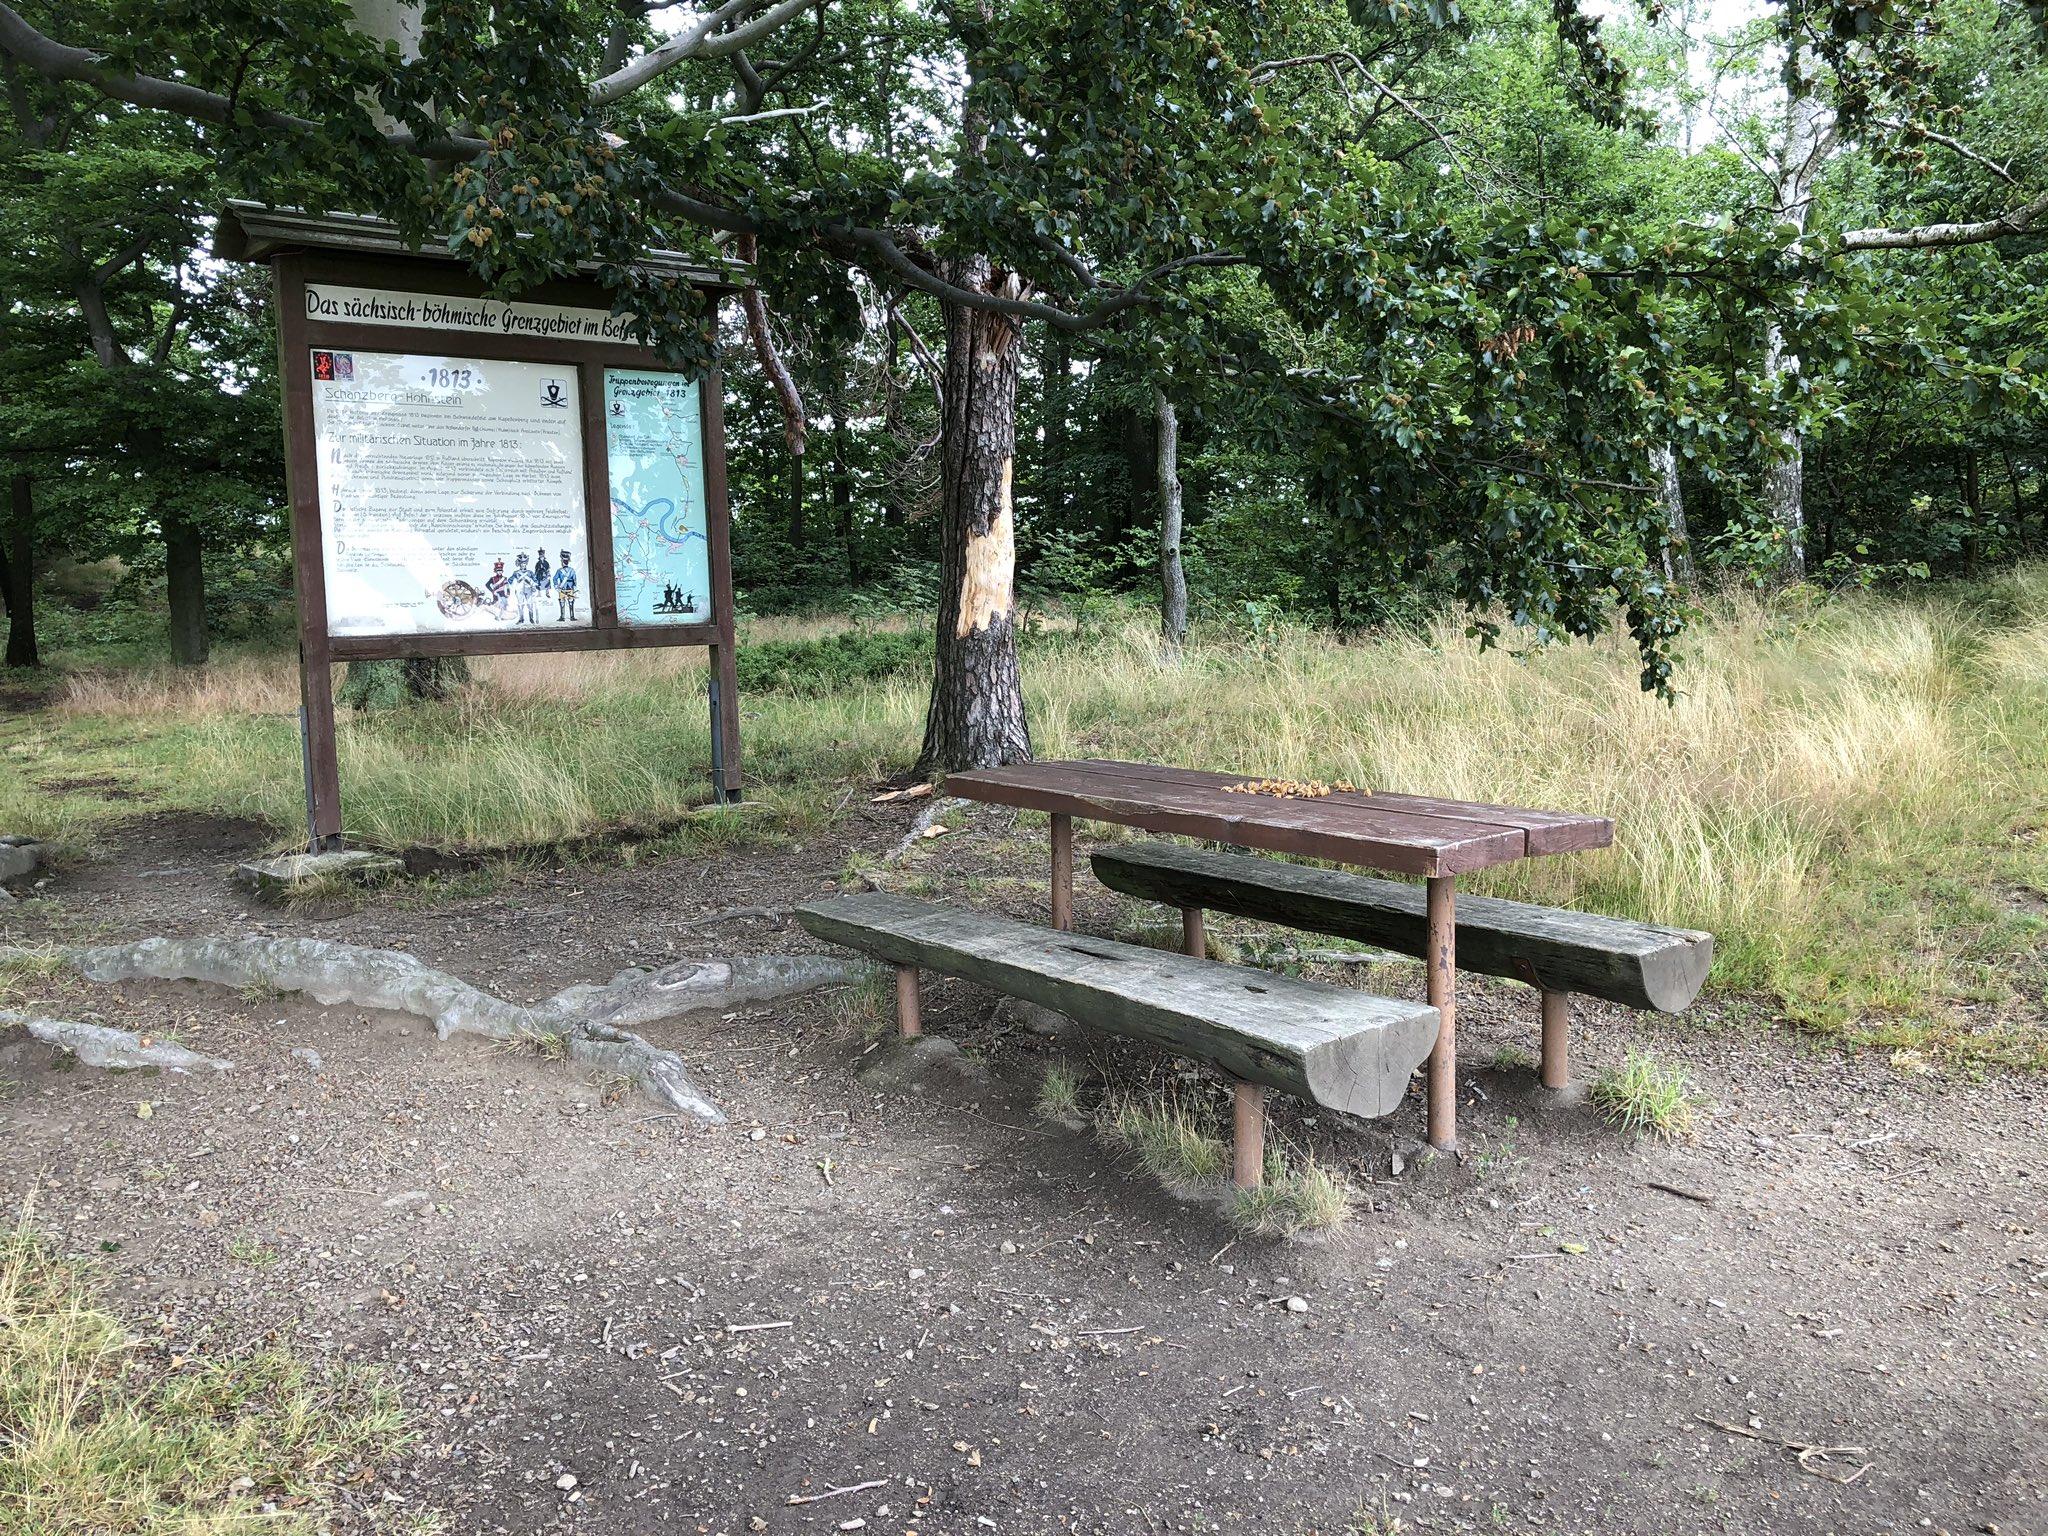 rt-gerritjhkuiper-bijzonder-plek-voor-deze-wandelbankjes-hohnstein-marlerweg-napoleonschanze-https-t-co-01udlejqdy